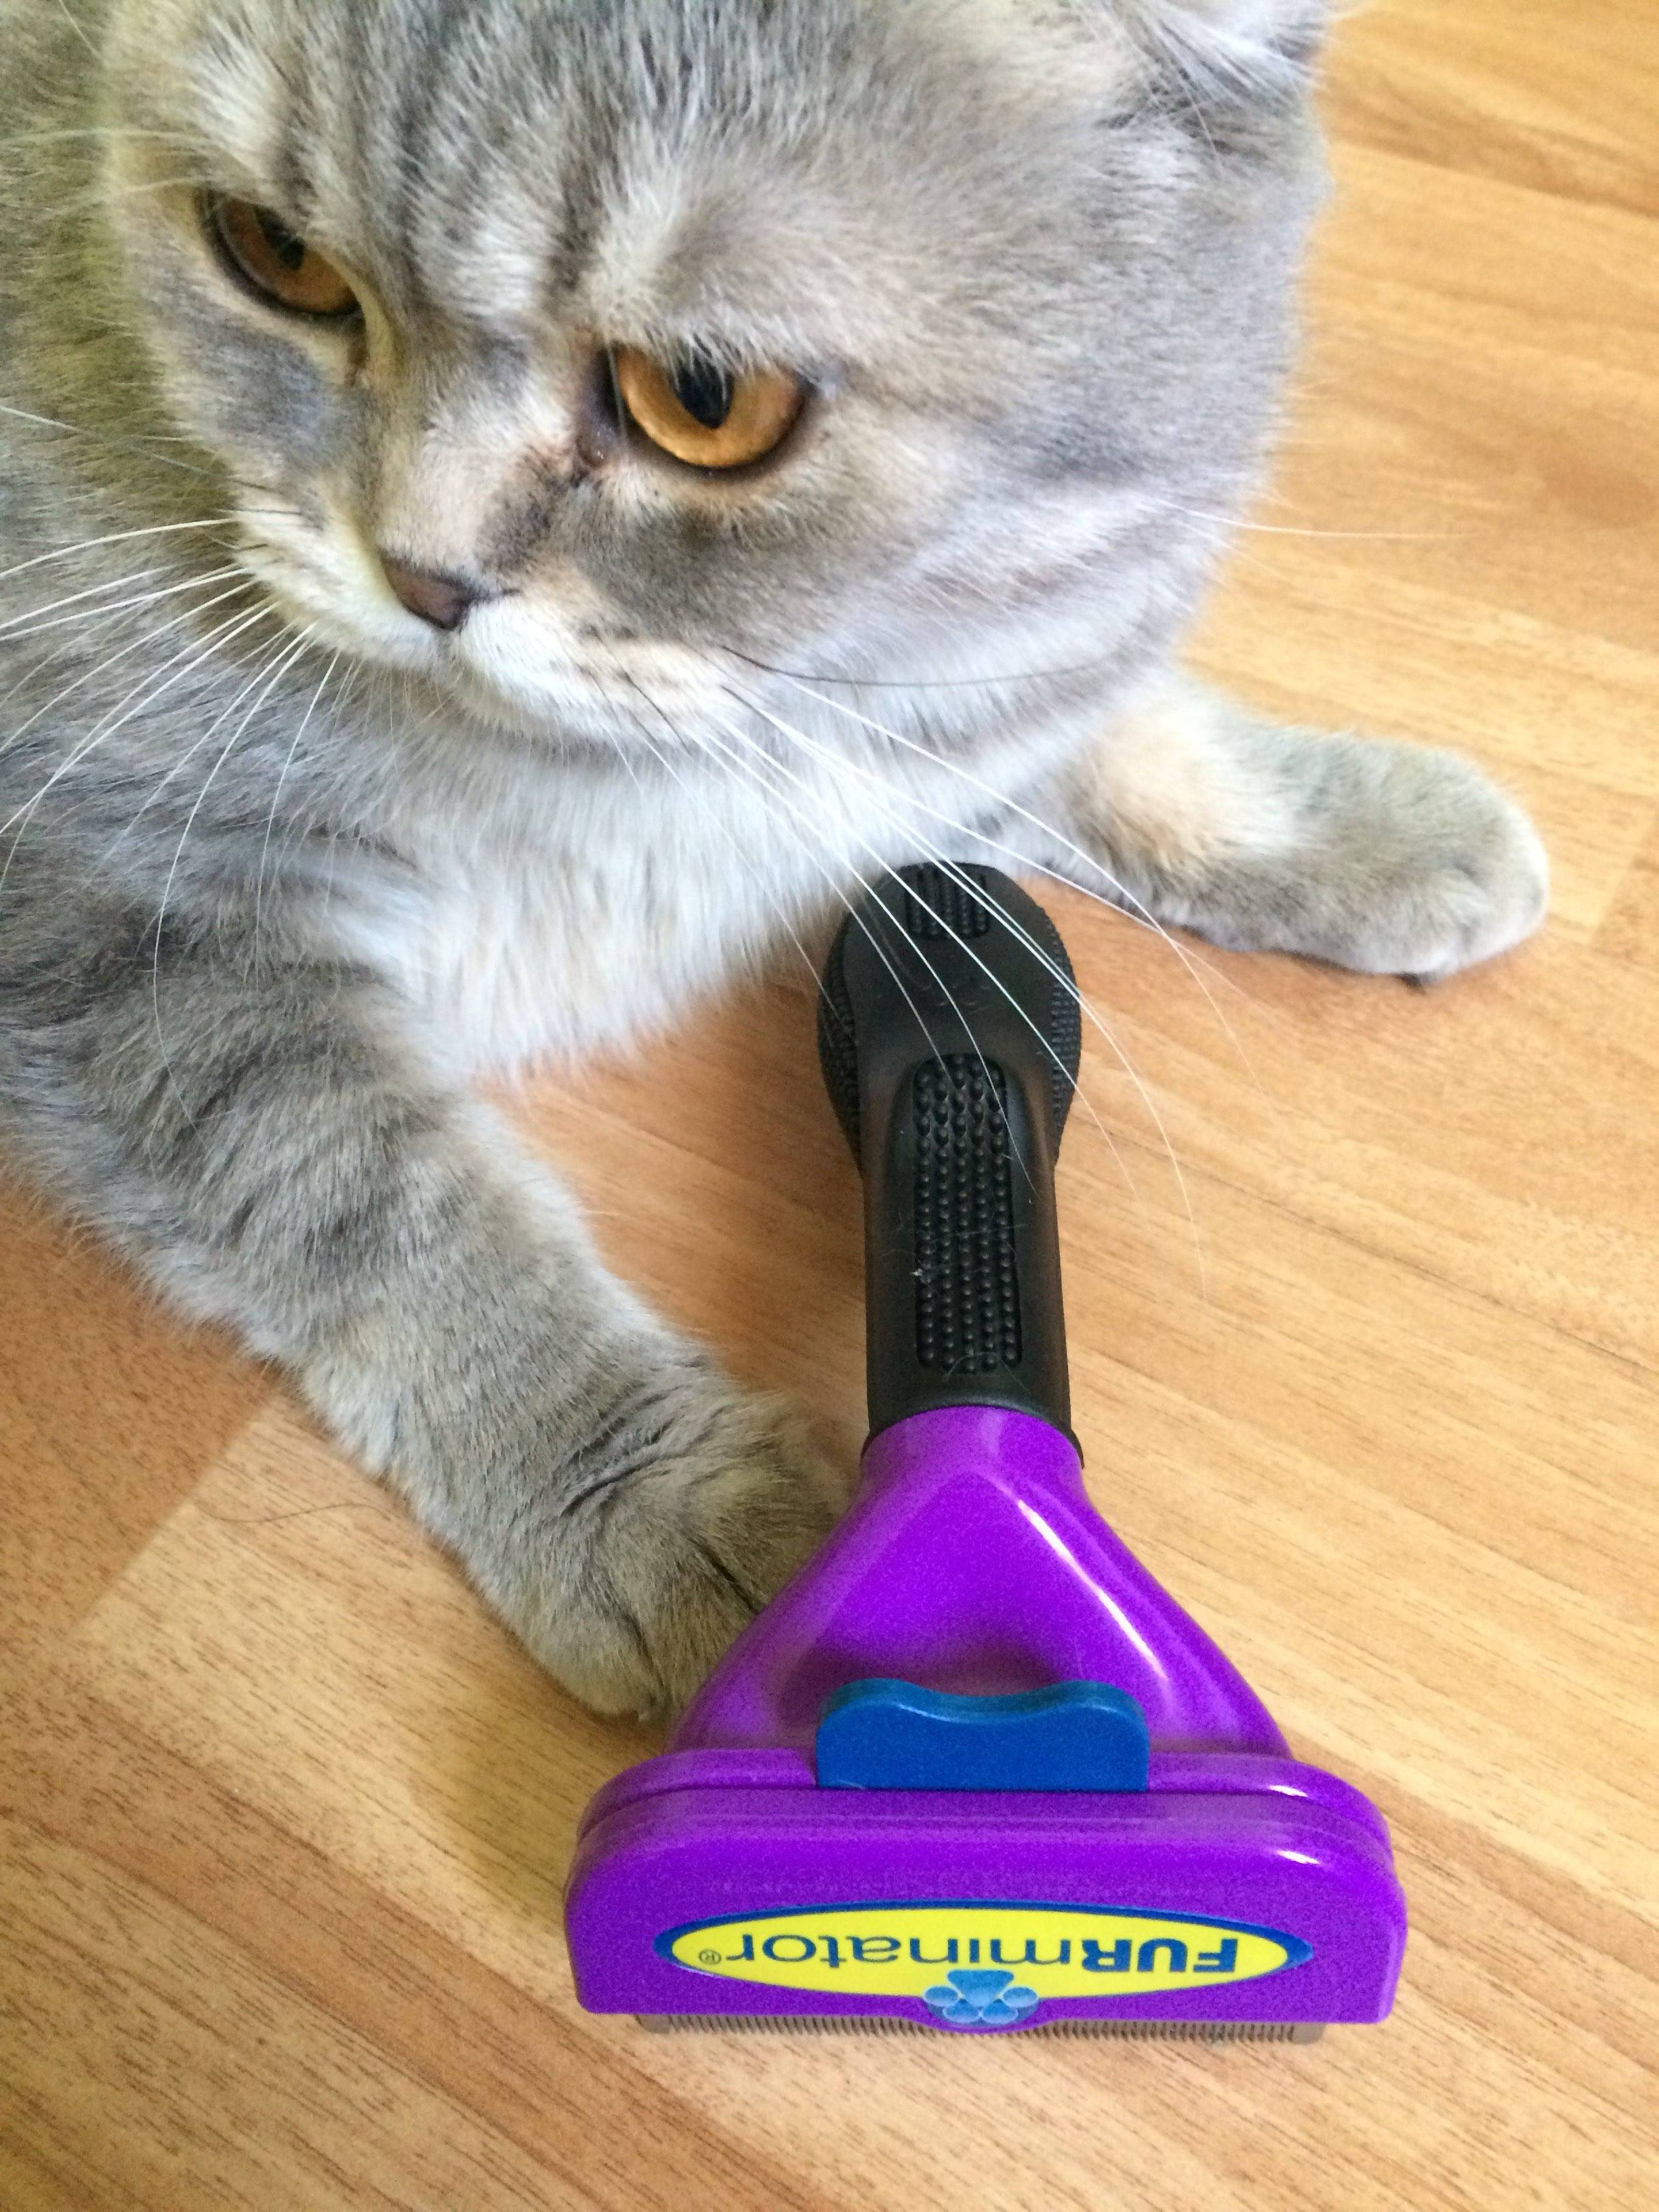 Фурминатор для собак и кошек: что это такое и как им пользоваться | royal groom